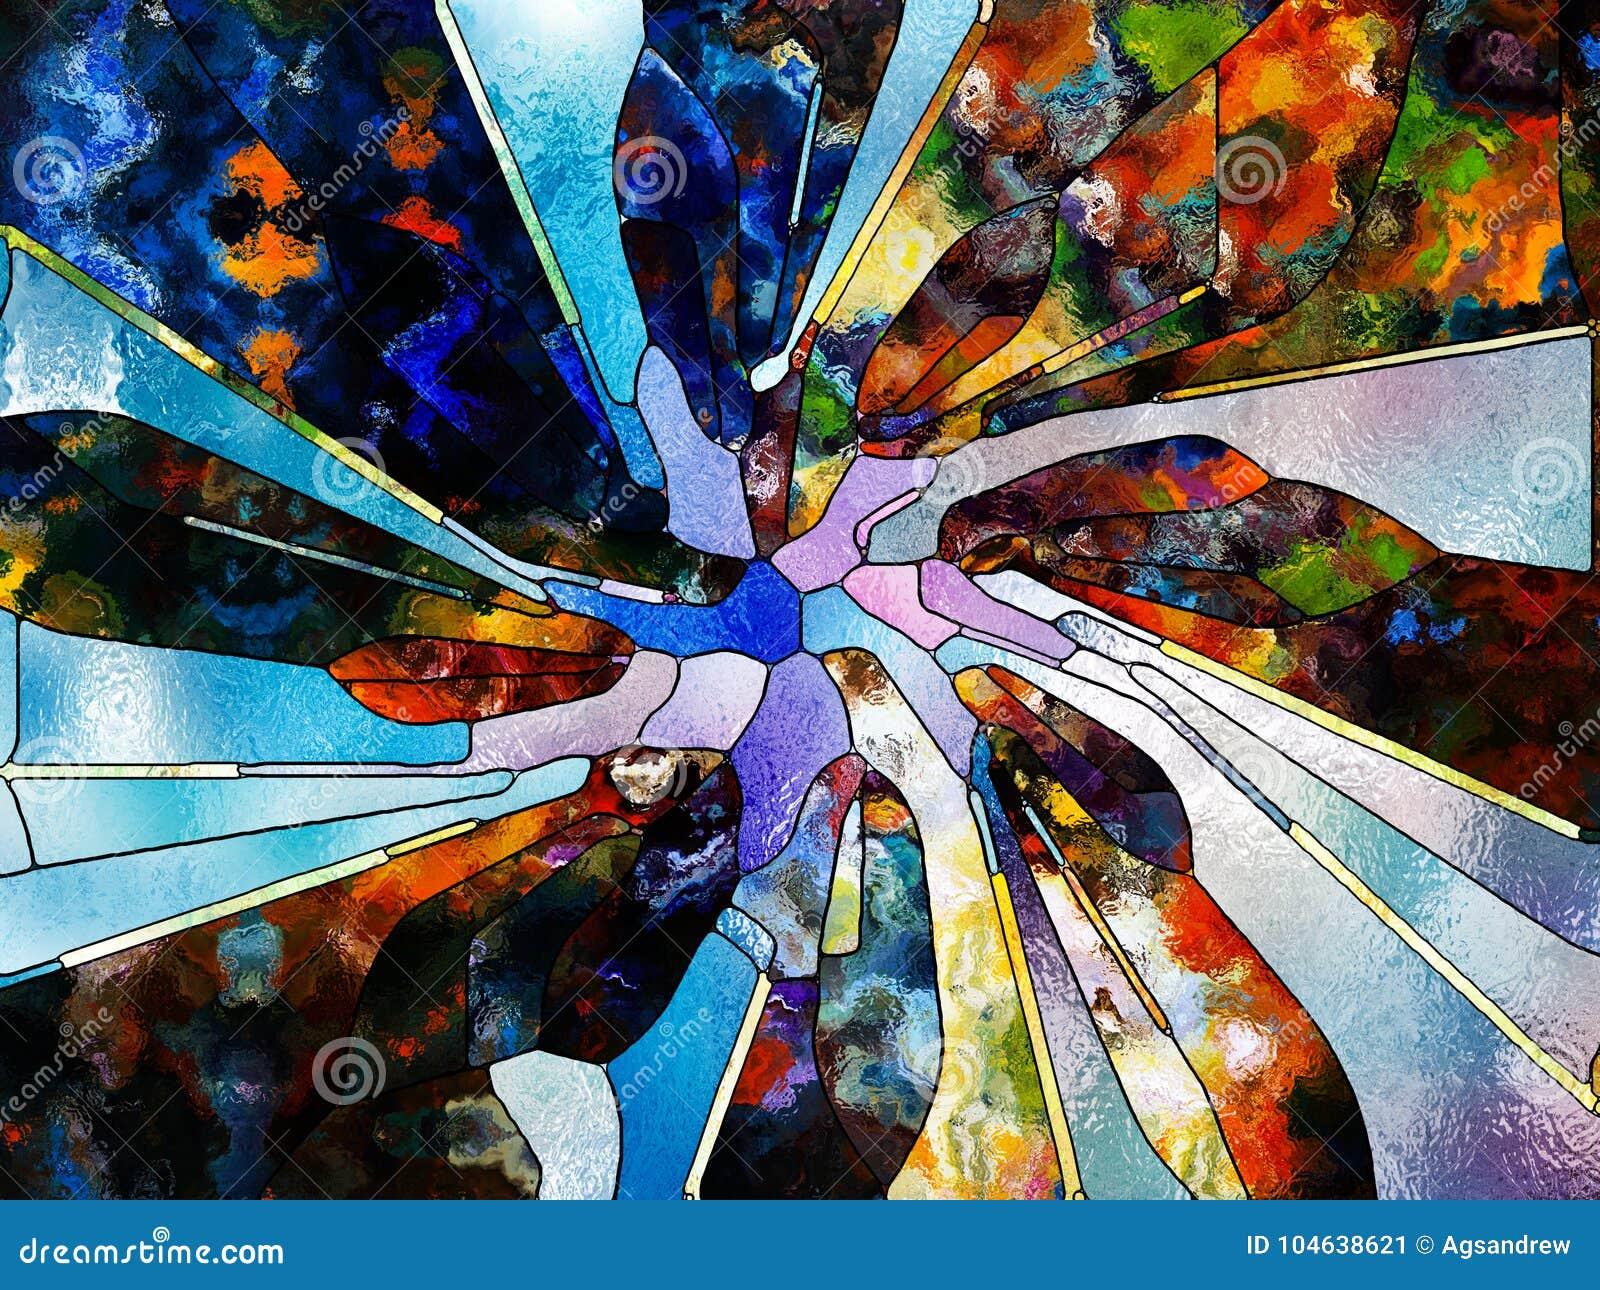 Download Koninkrijken Van Kleurenafdeling Stock Illustratie - Illustratie bestaande uit samenstelling, achtergrond: 104638621